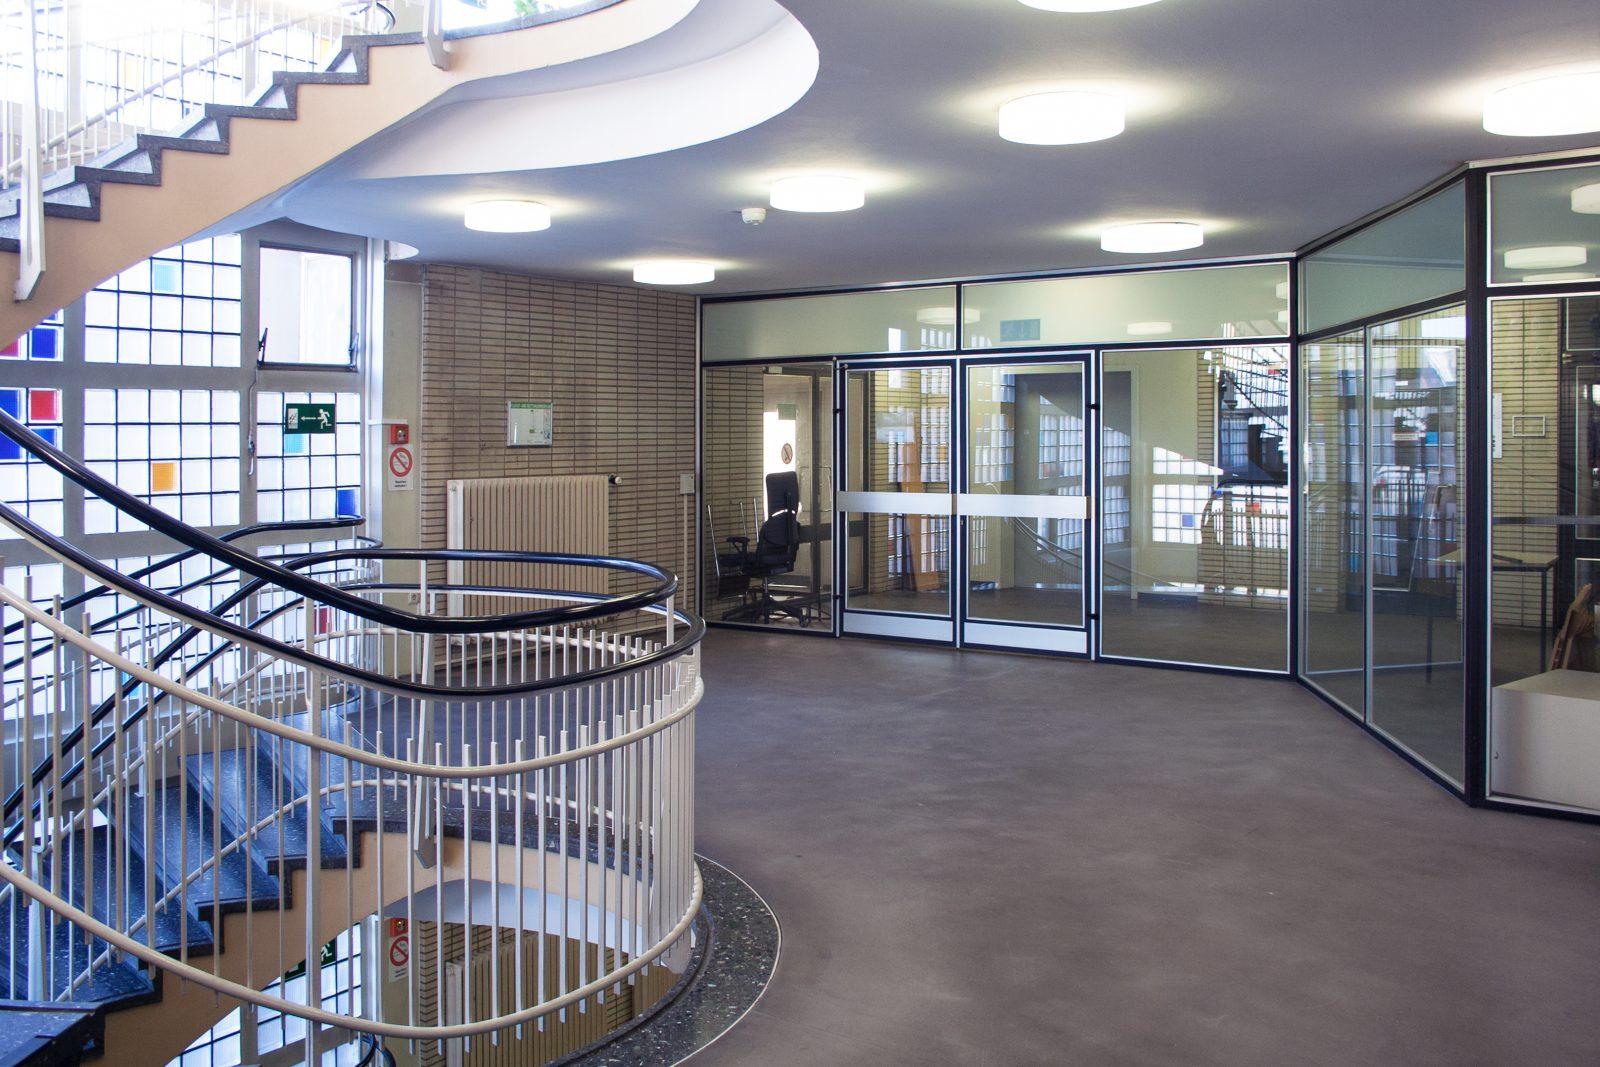 Blick in den Innenraum des Gesundheitsamts in Dortmund Foyer Glas